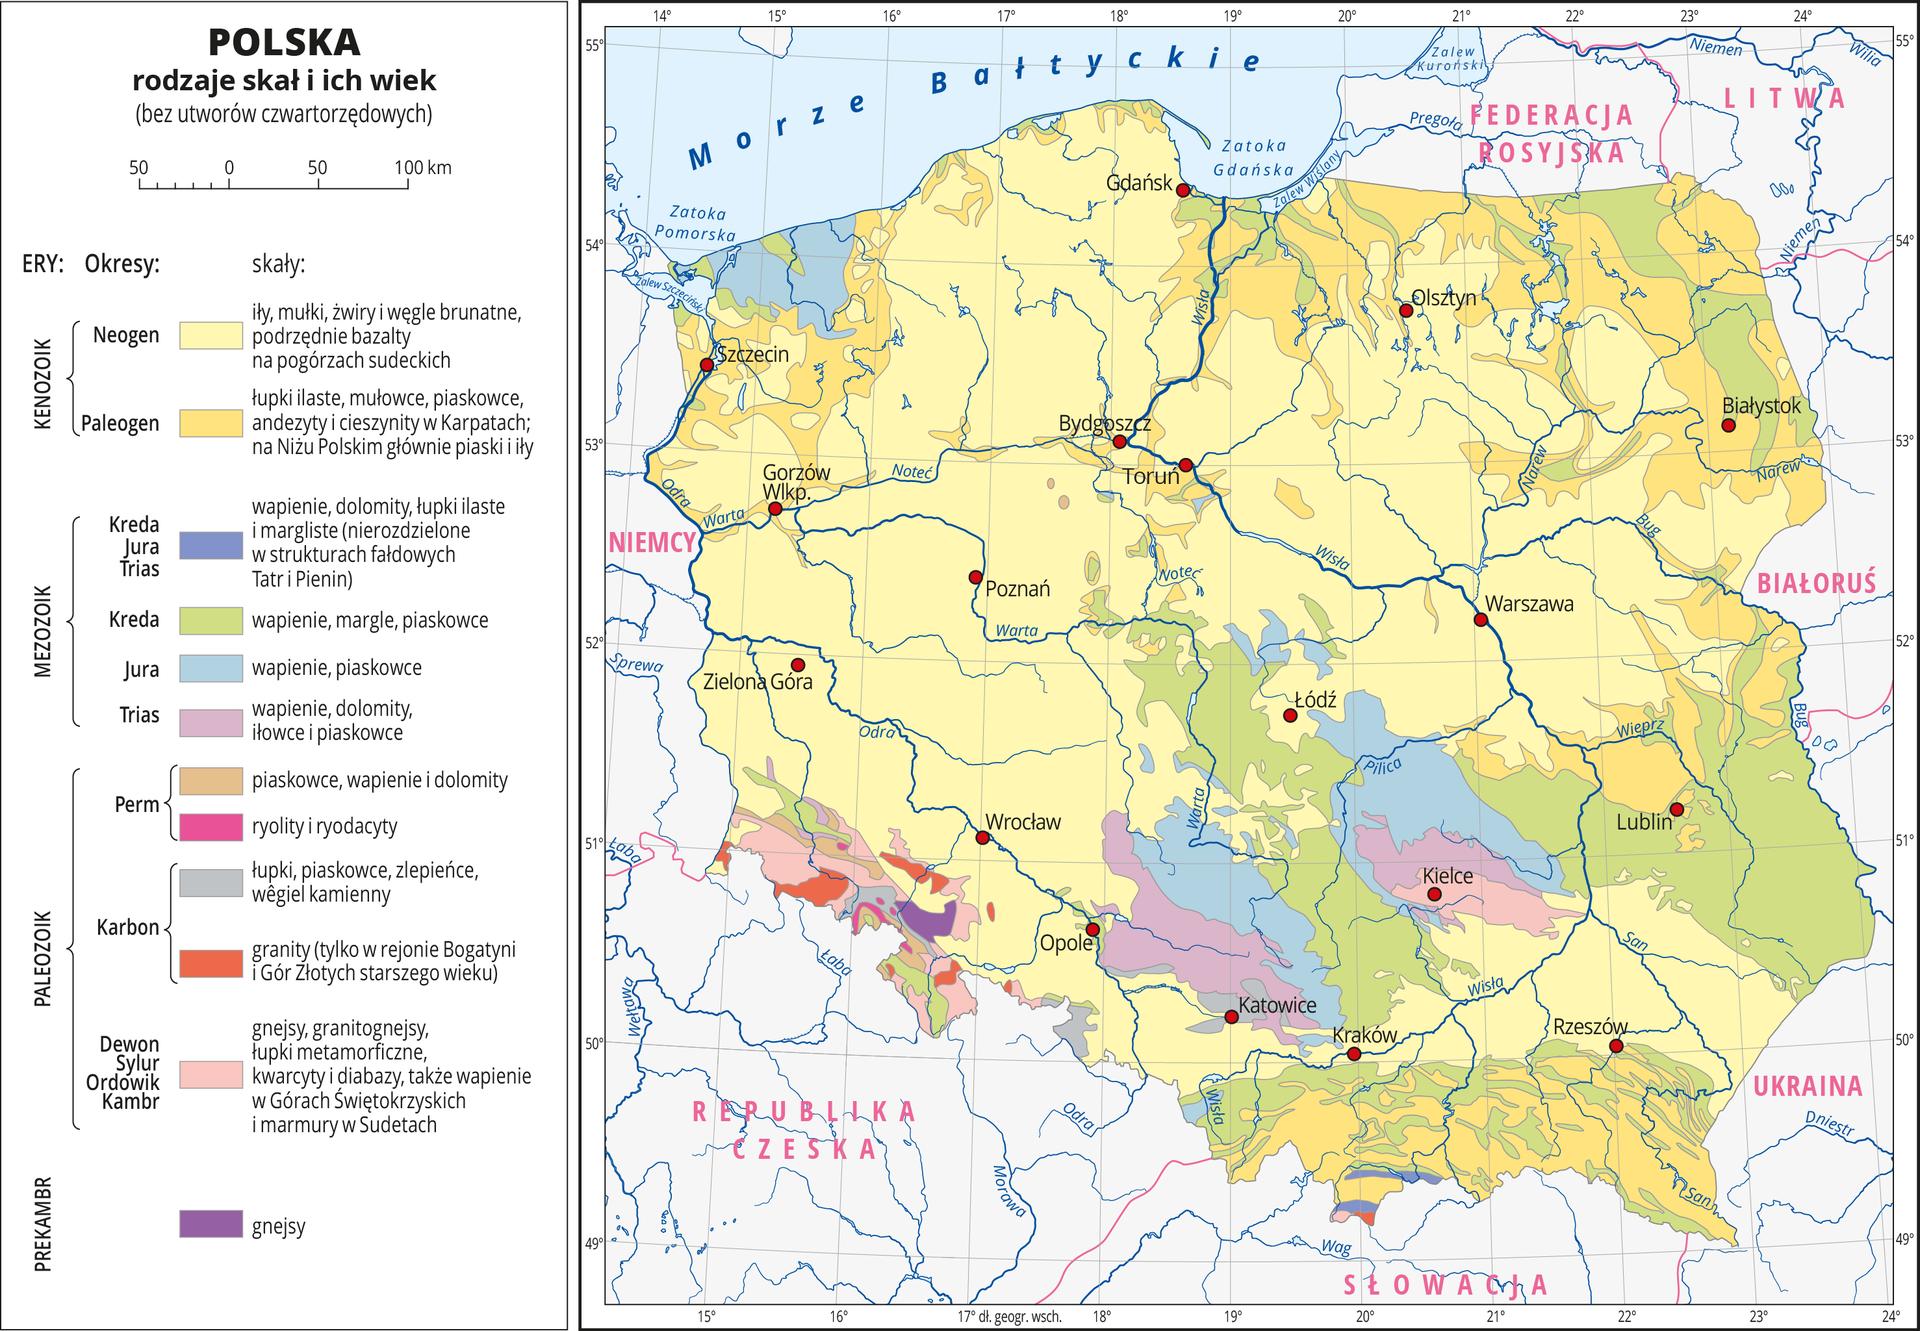 Ilustracja przedstawia mapę Polski . Na mapie kolorami zaznaczono rodzaje skał iich wiek. Większą część obszaru Polski pokrywa kolor żółty, który obrazuje występowanie najmłodszych skał ery kenozoiku – iłów, mułków, żwirów, węgli brunatnych, łupków ilastych , mułowców ipiaskowców, andezytów icieszynitów. Na południu oznaczono kolor niebieski izielony obrazujący występowanie wapieni, dolomitów, margli ipiaskowców zery mezozoiku. Najstarsze skały pochodzące zery prekambryjskiej ipaleozoicznej występują wrejonie Sudetów. Czerwonymi kropkami zaznaczono miasta wojewódzkie. Opisano rzeki. Dookoła mapy wbiałej ramce opisano współrzędne geograficzne co jeden stopień. Po lewej stronie mapy wlegendzie umieszczono wpionie dwanaście kolorowych prostokątów, które opisano nazwami skał. Wydzielono pięć er iczternaście okresów.